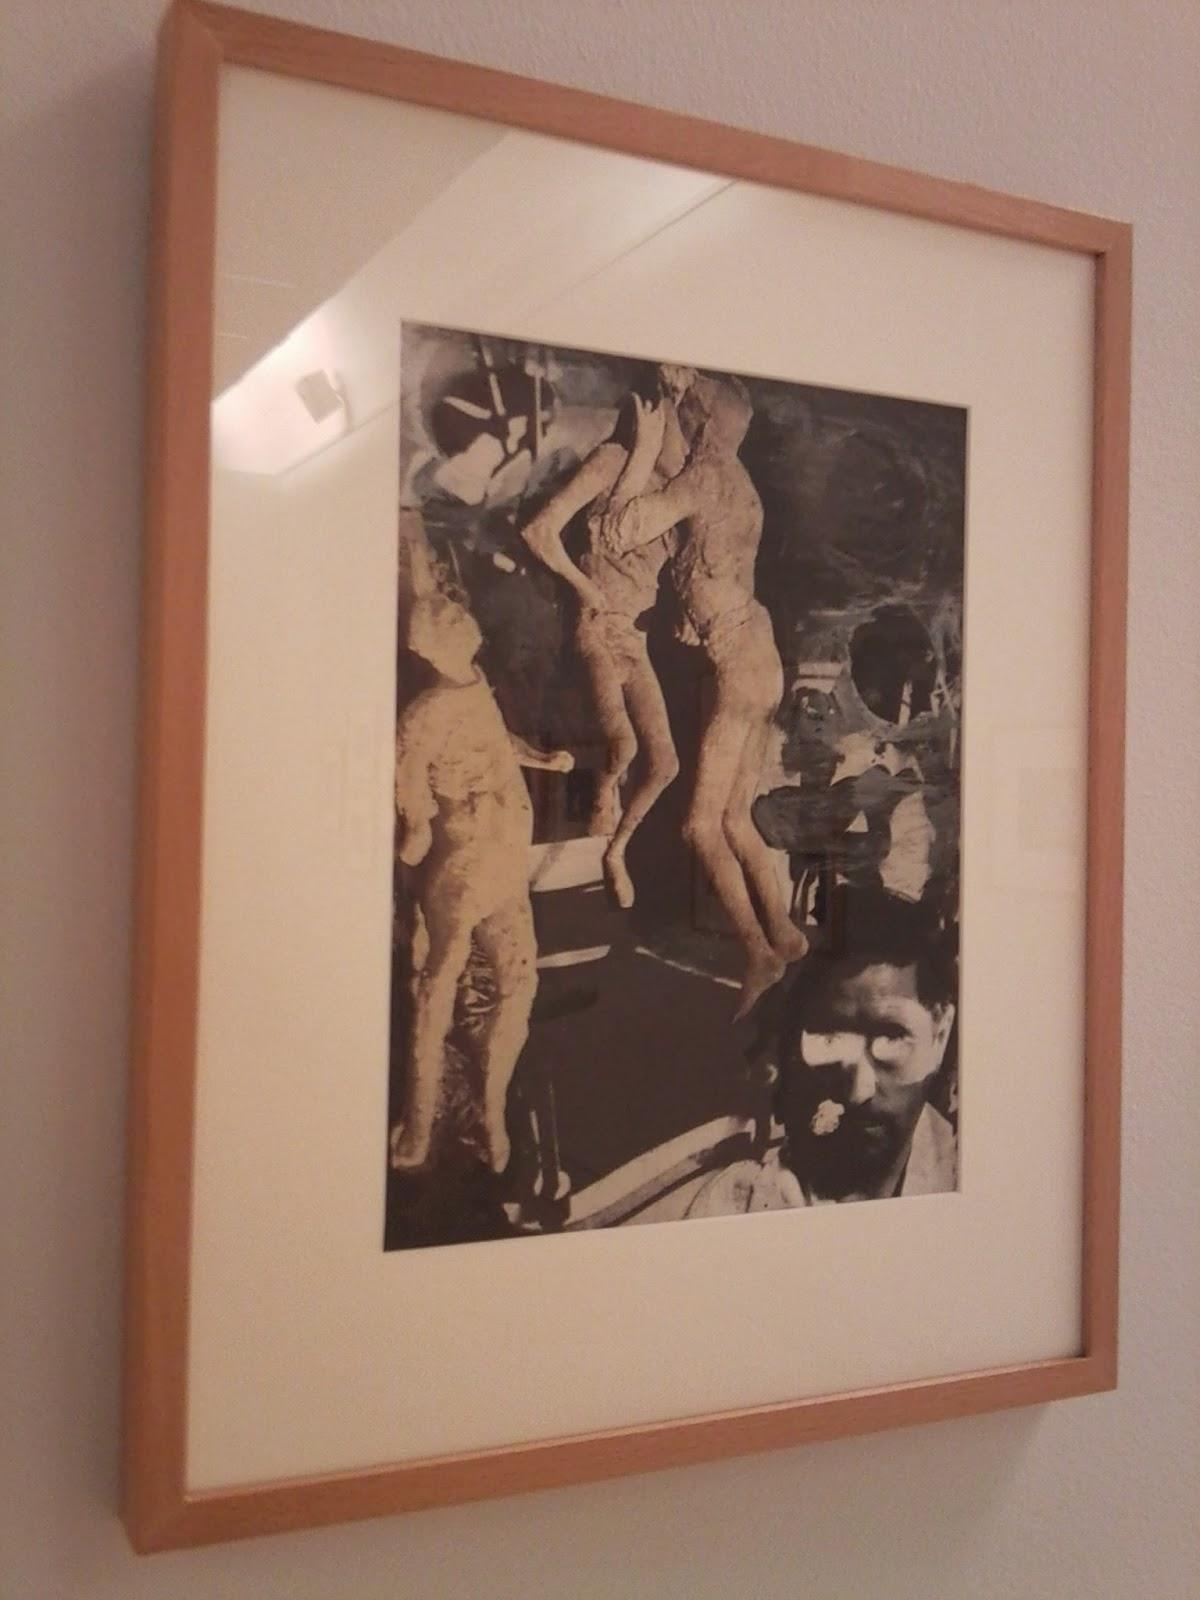 Gregorio Prieto, Real Academia de Bellas Artes de San Fernando, Fotografía, Arte, Collage, Blog de arte, Voa-Gallery, Yvonne Brochard, Exposiciones, Madrid,